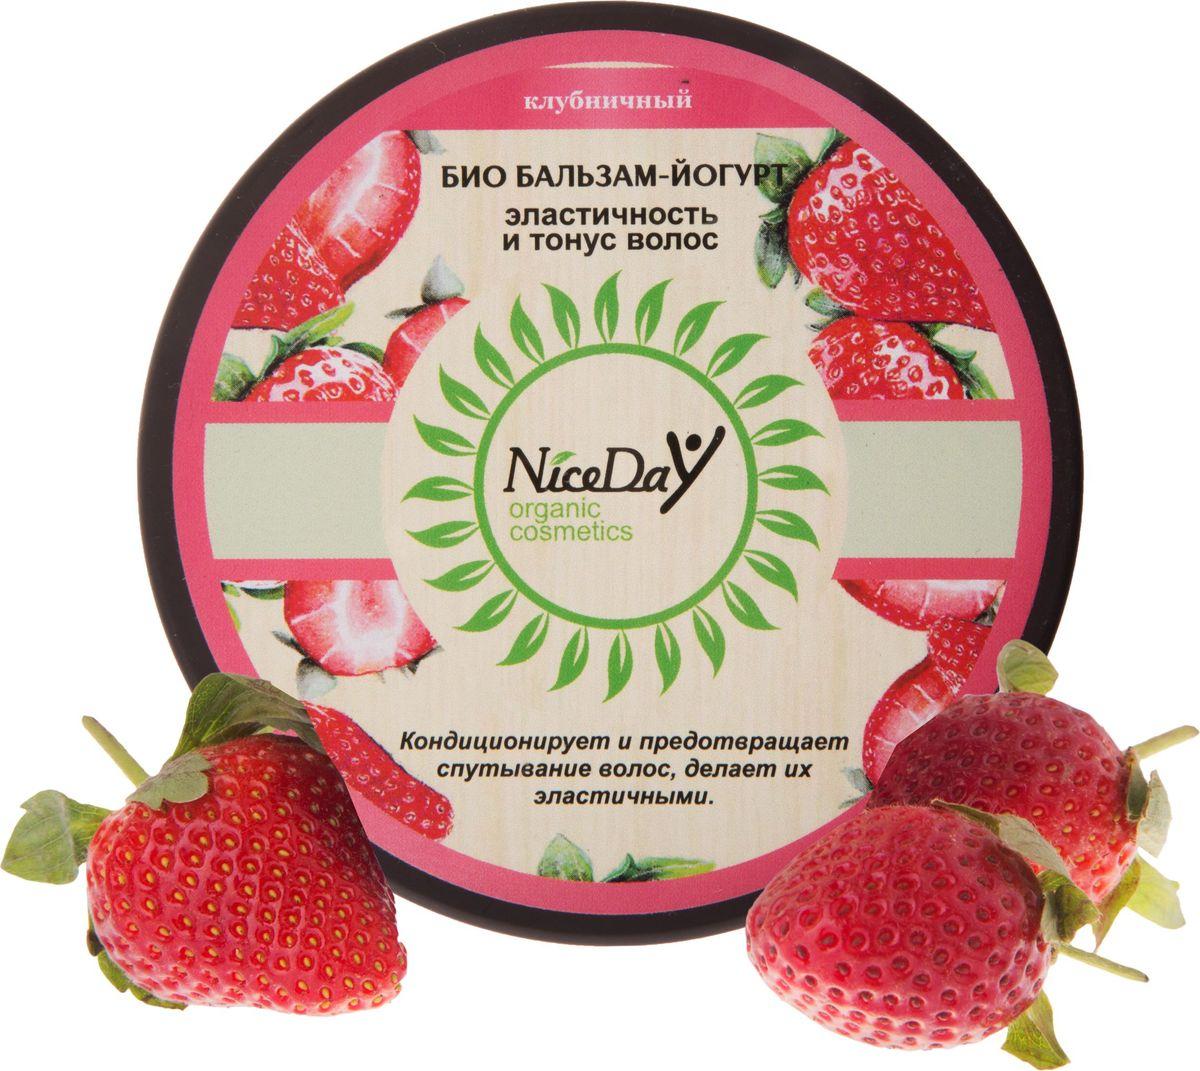 Nice Day Клубничный Био бальзам-йогурт для волос, 250 мл0203Побалуйте свои локоны нежным сливочно-клубничным кремом! Экстракты ягод и целебных трав насыщают волосы сочным цветом, витаминизируют, увлажняют, выравнивают повреждённый кератиновый слой, защищают локоны от истончения и ломкости, делают волосы упругими, эластичными, блестящими, живыми, менее восприимчивыми к перепадам температуры, воздействию хлорированной и жёсткой воды. Облегчает расчесывание, предотвращает спутывание.